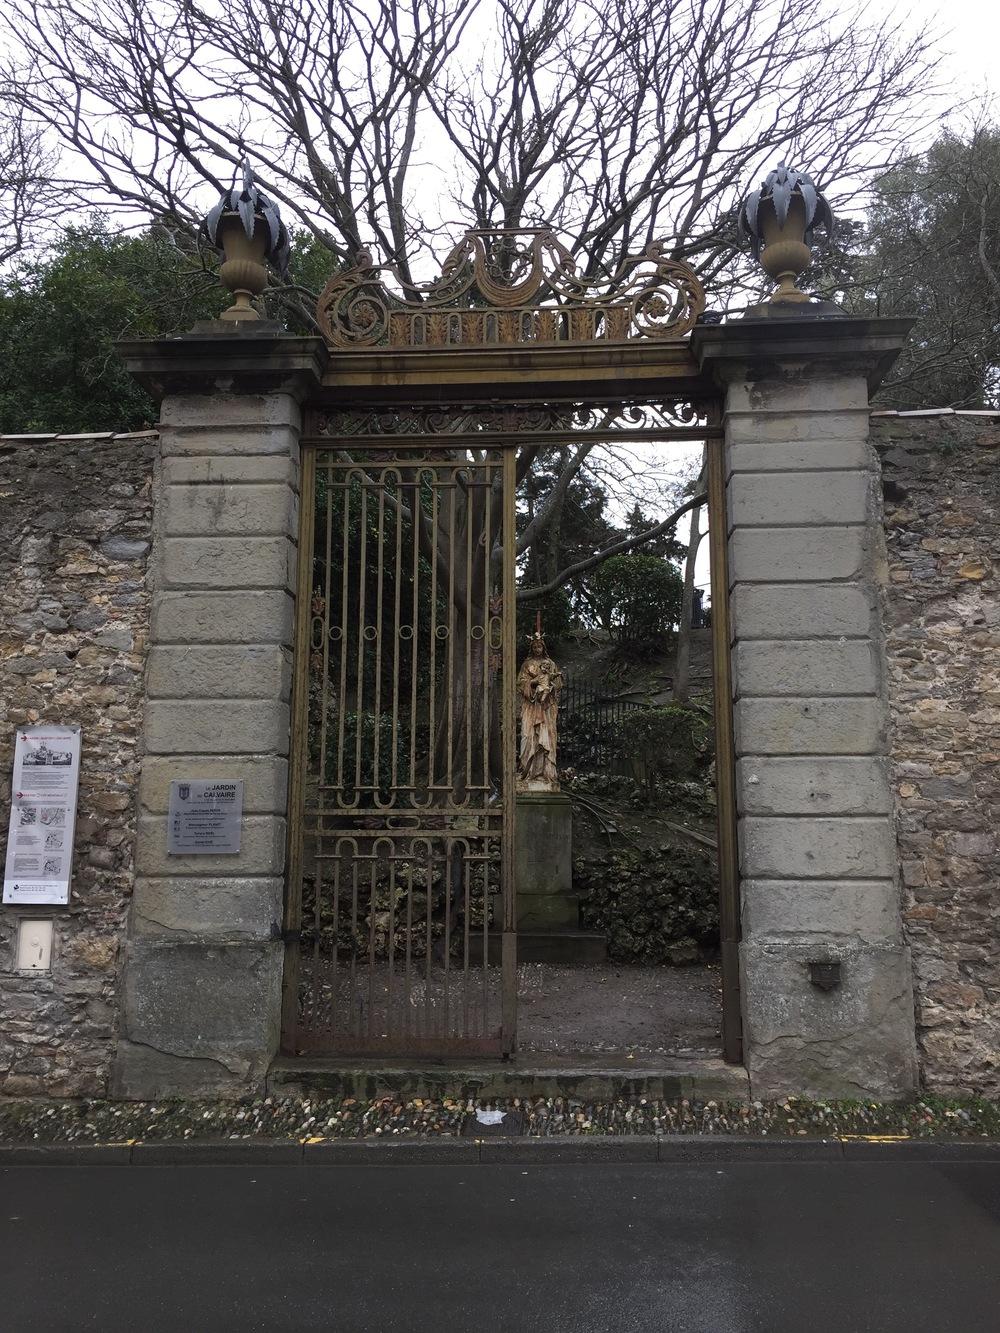 Le-Jardin-du-Calvaire-Carcassonne-jessewaugh.com-53.jpg